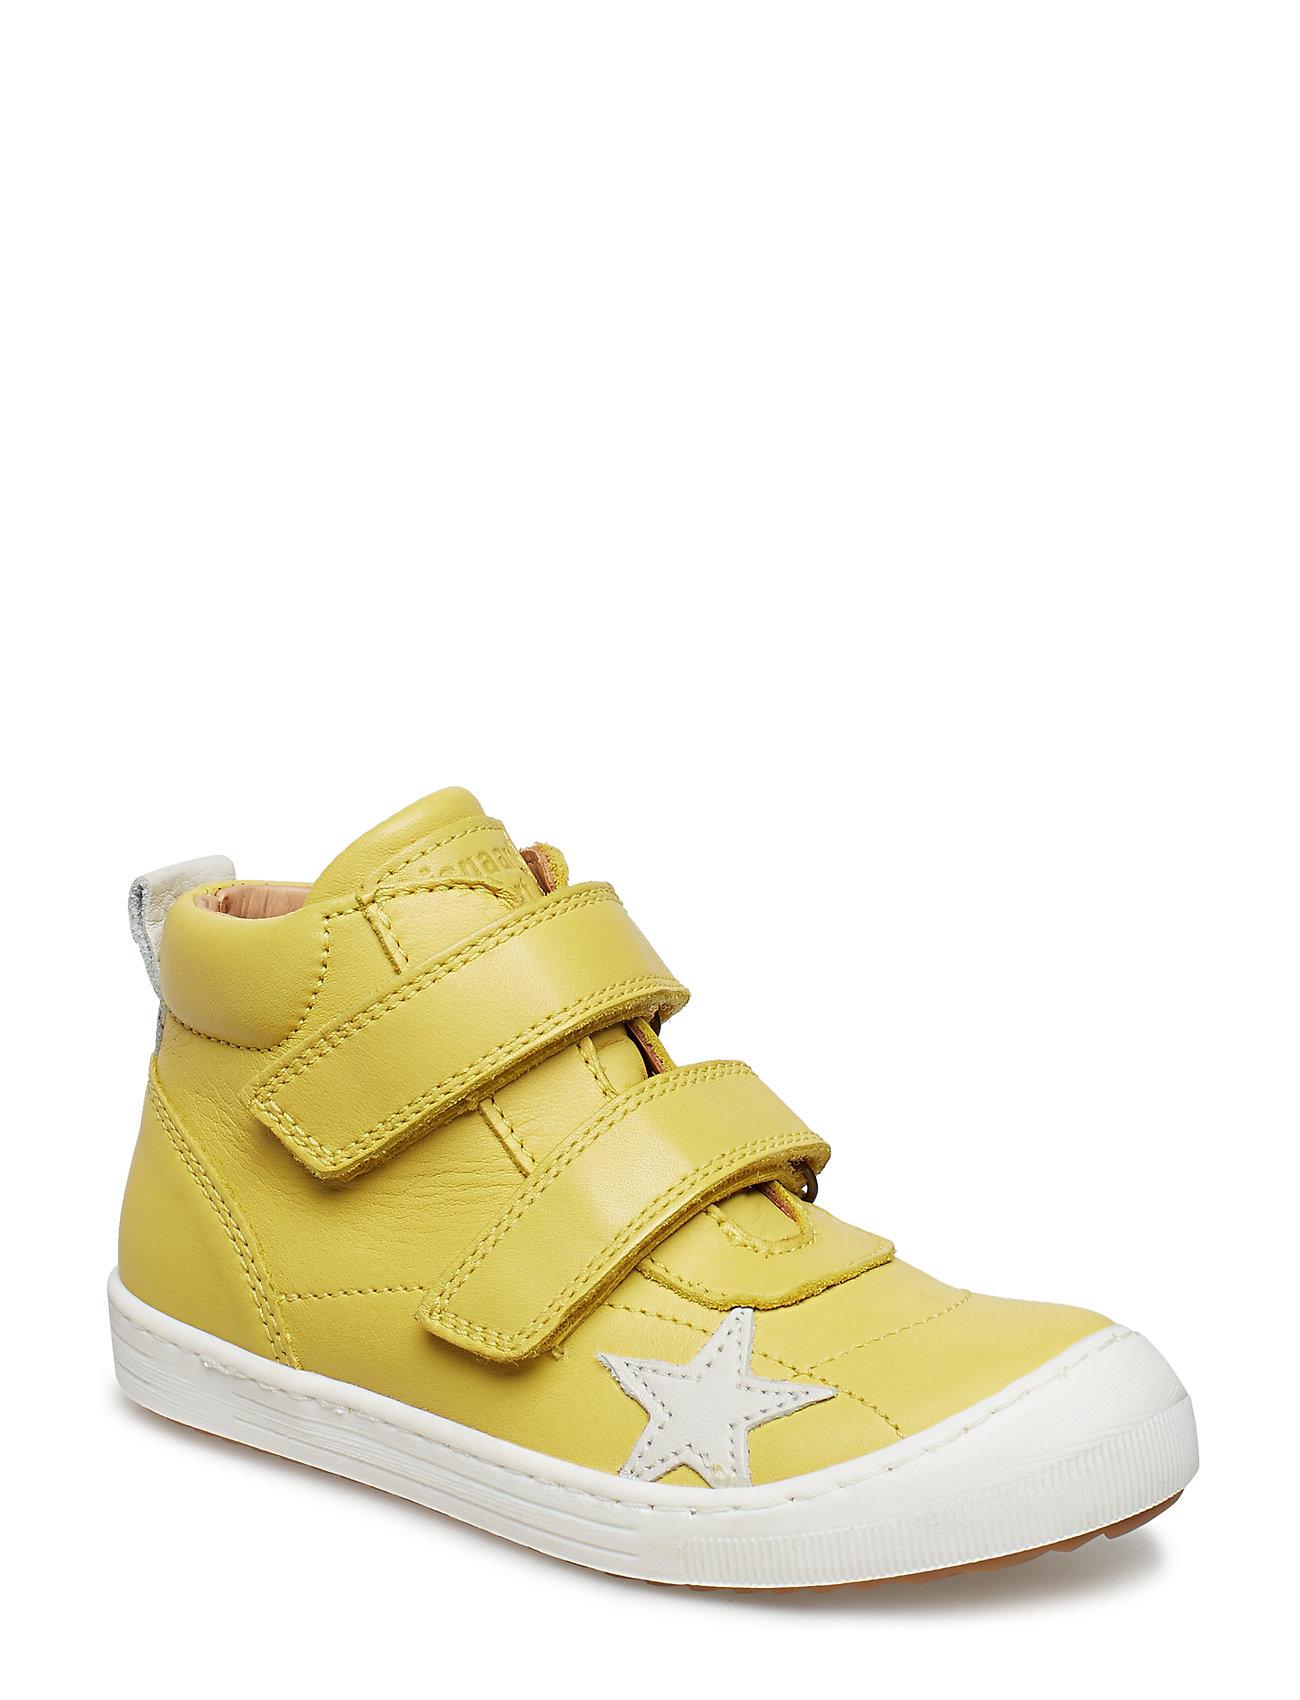 Image of Velcro Shoe Sneakers Sko Gul Bisgaard (3416435153)